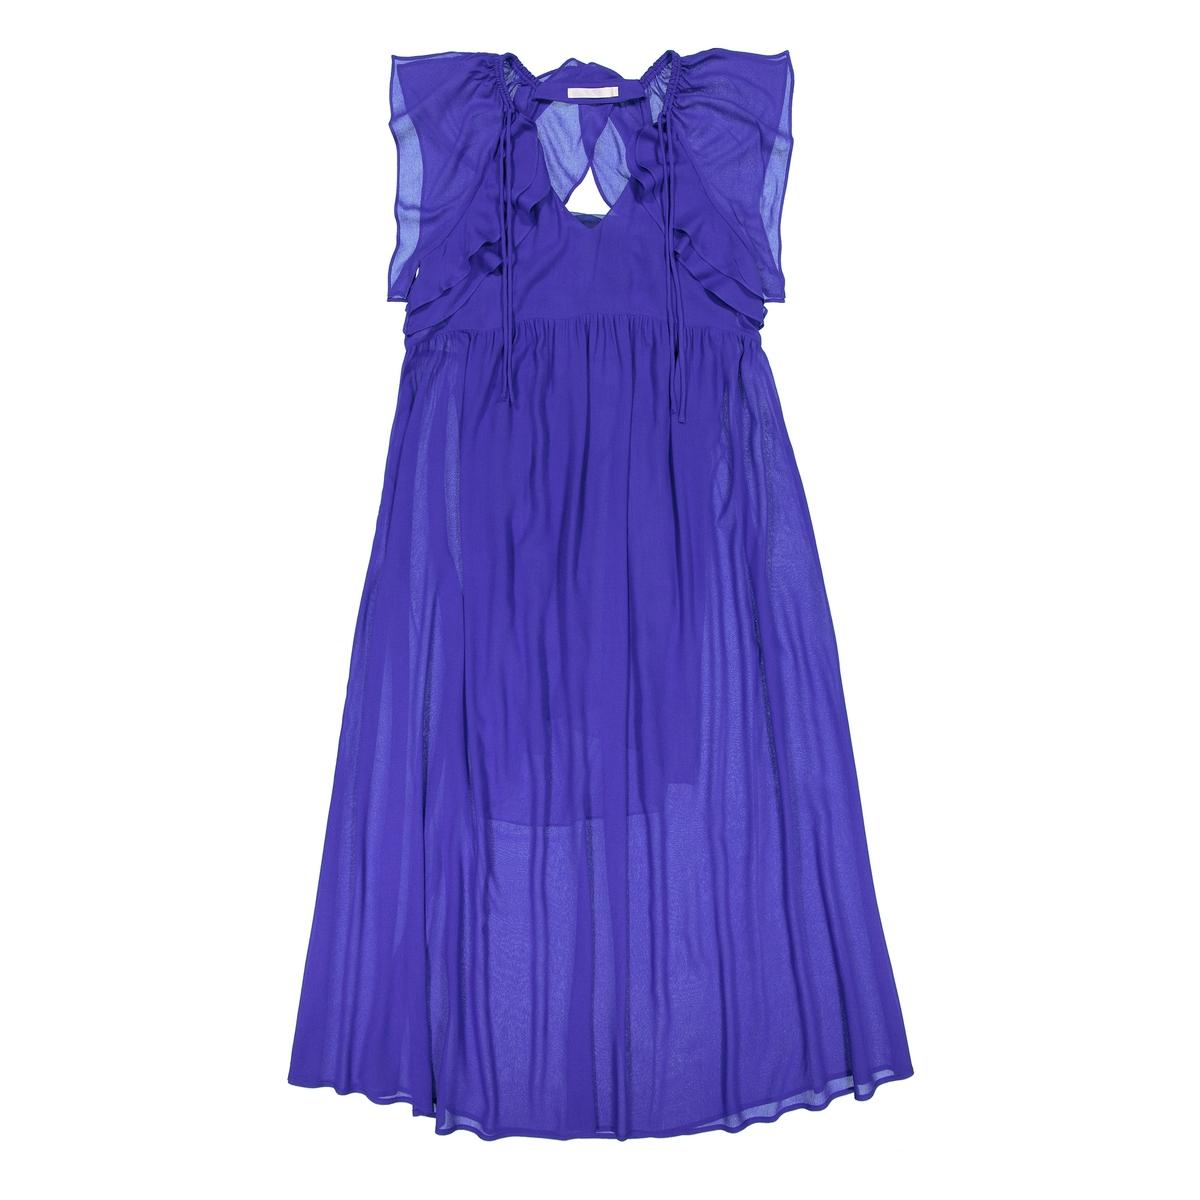 Платье длинное с воланами на плечах и застёжкой сзади